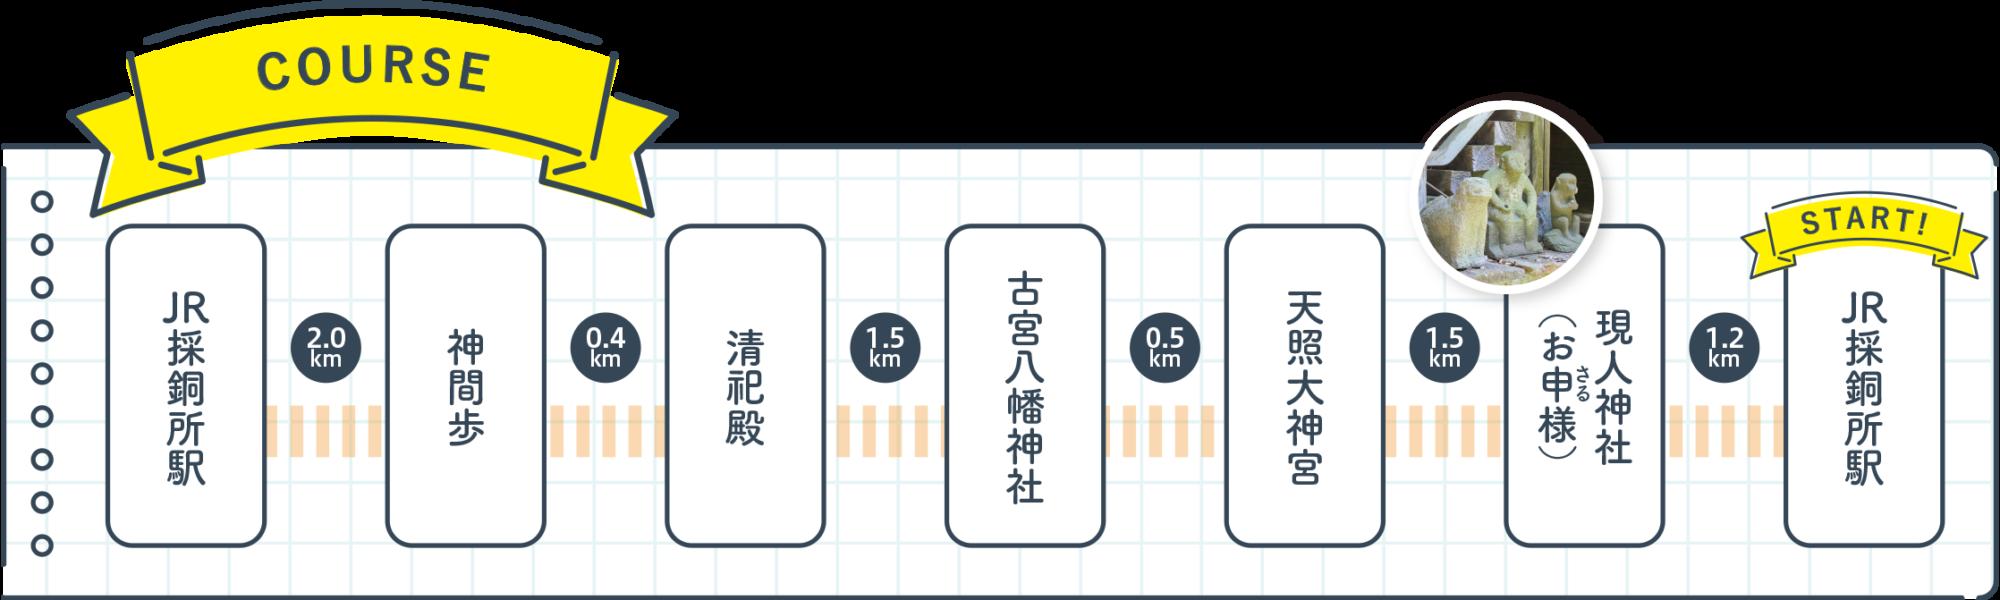 モデルコース09<br />コースマップ